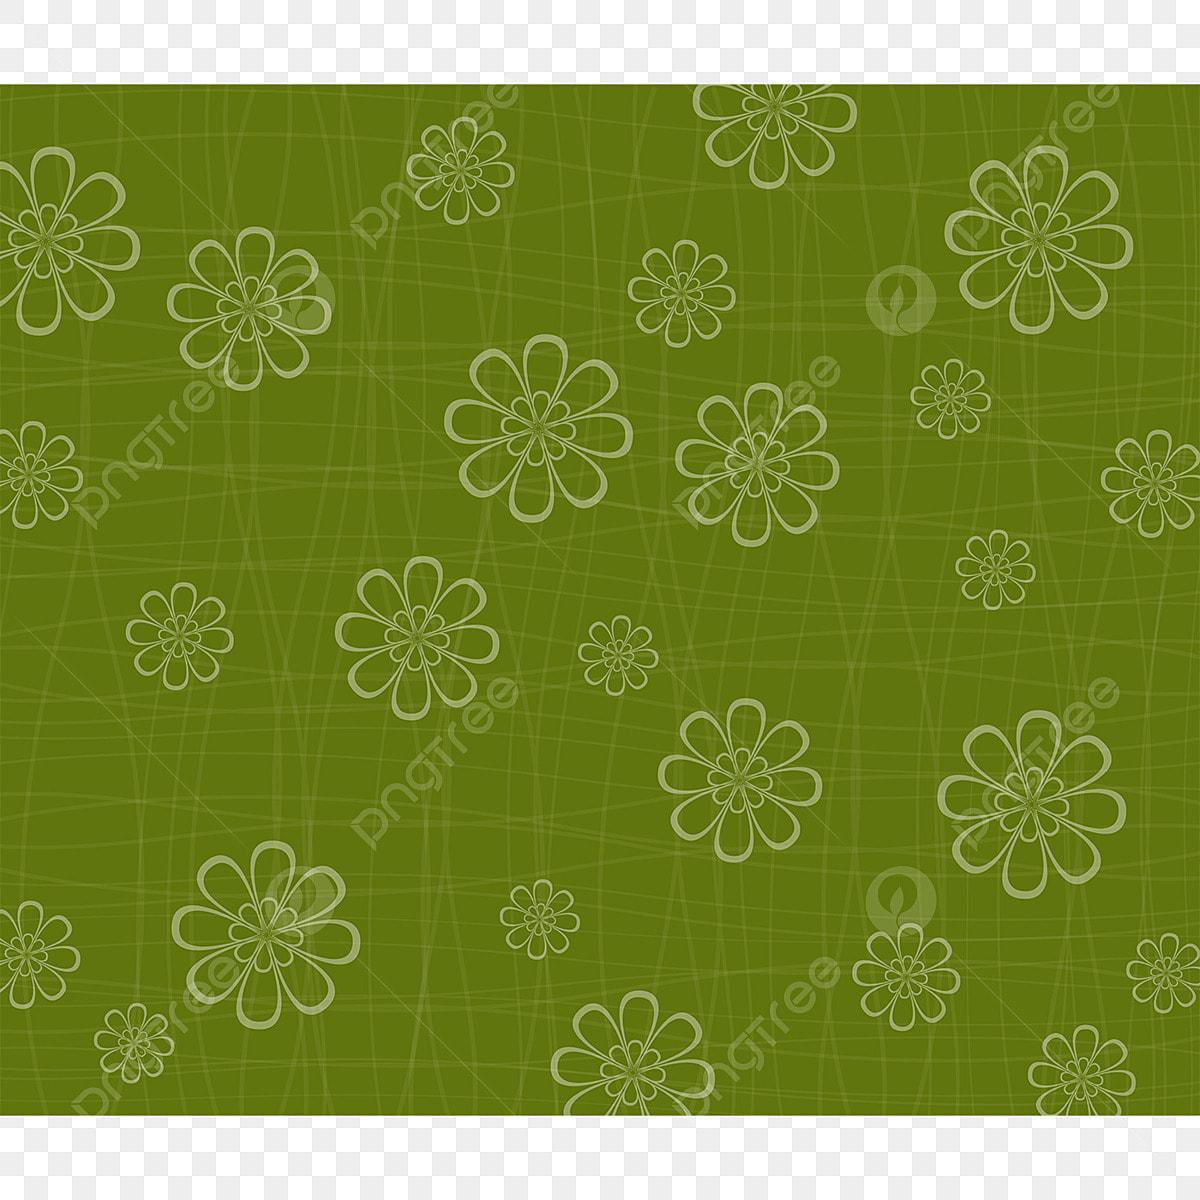 美しい緑の花の壁紙要素 壁紙 グリーン 美しい花画像素材の無料ダウンロードのためのpngとベクトル